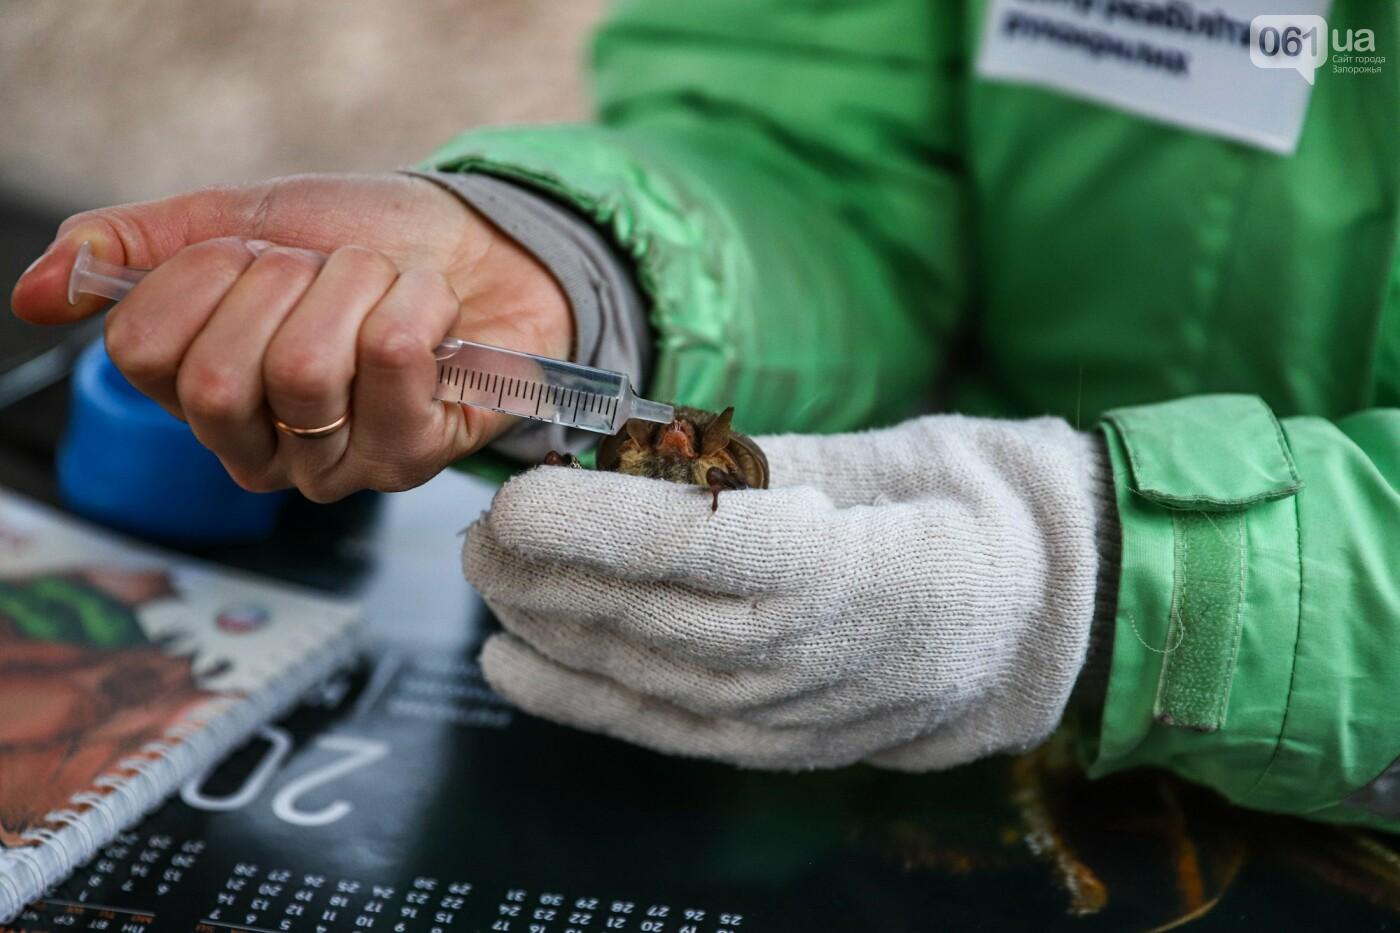 На Хортице выпустили более 700 летучих мышей, спасенных волонтерами, - ФОТОРЕПОРТАЖ, фото-3